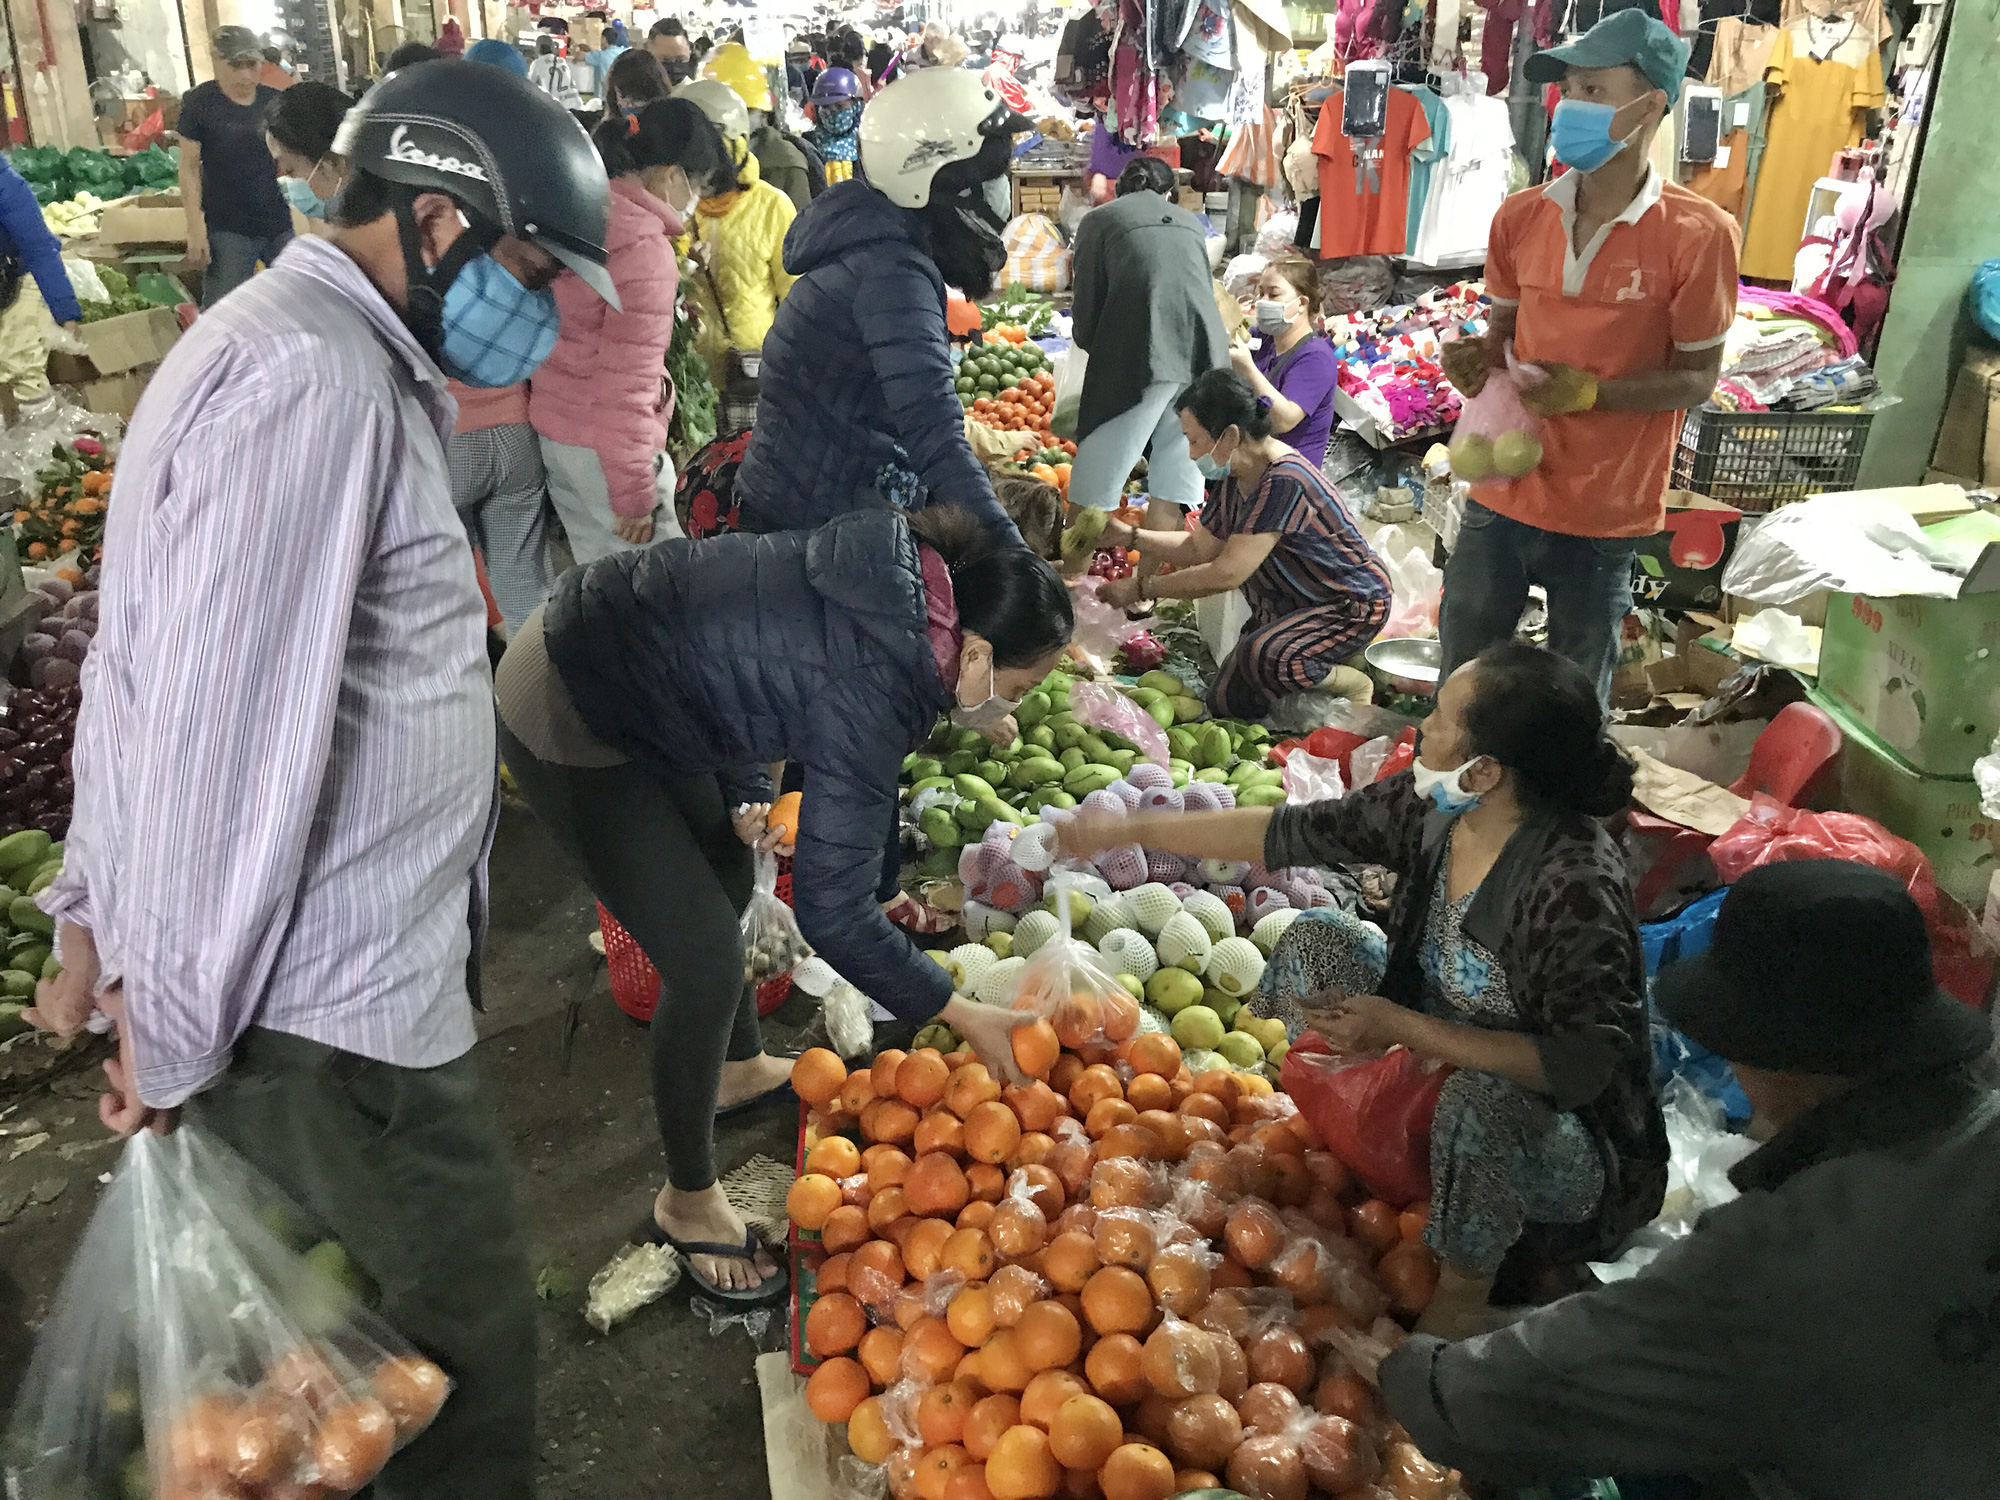 Đà Nẵng: Chợ lớn nhất thành phố tấp nập người và xe sáng 29 Tết - Ảnh 6.